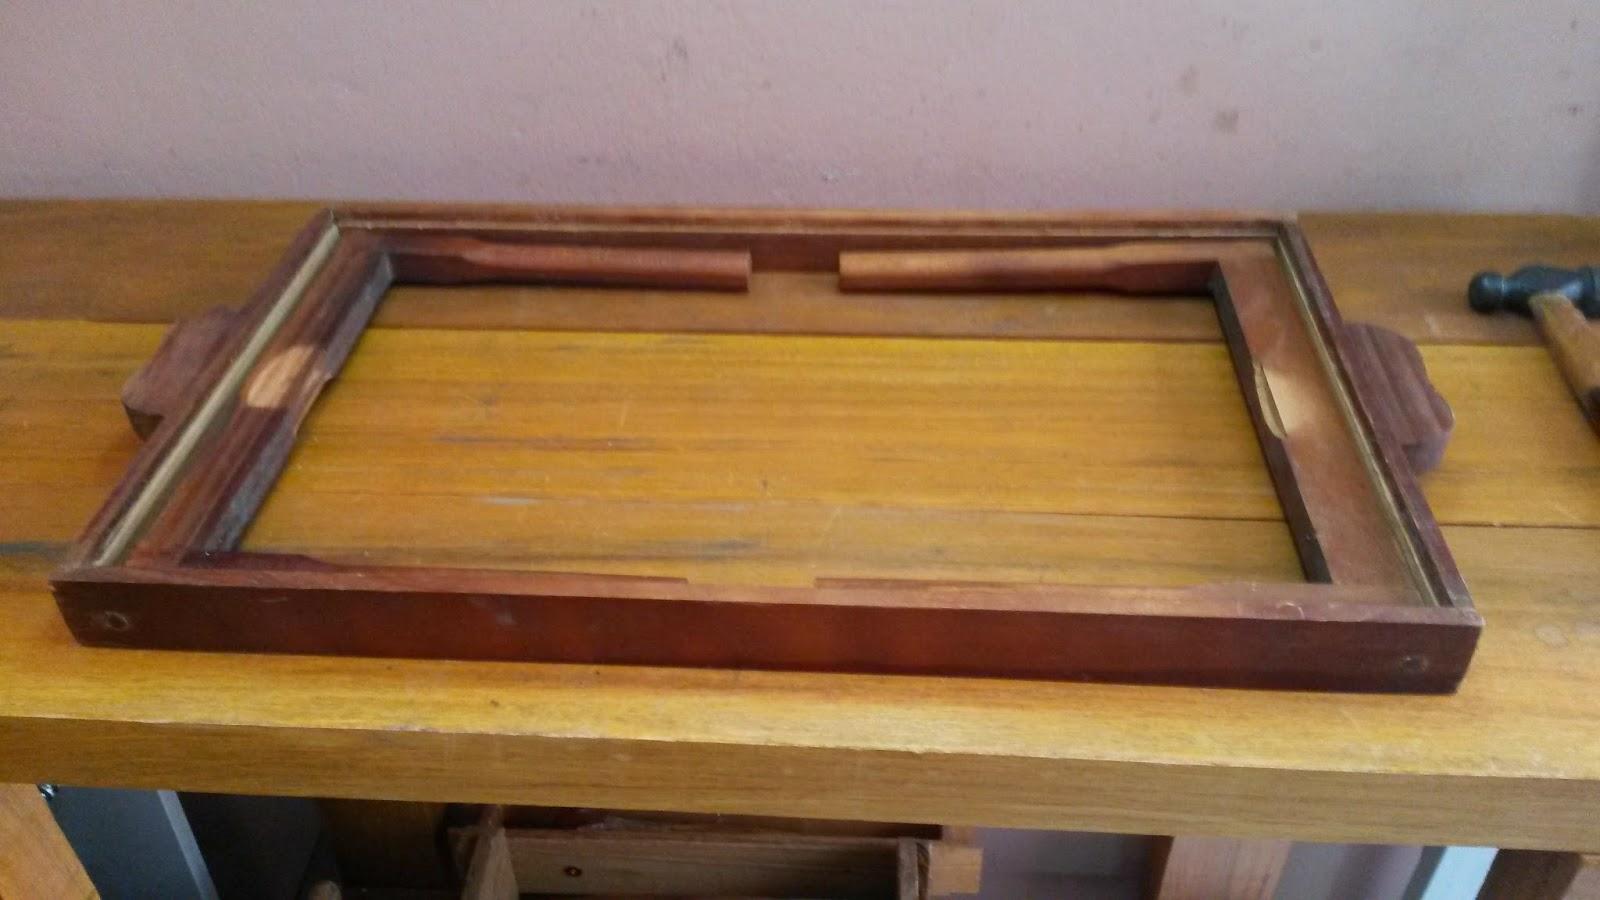 Oficina do Quintal: Como fazer uma bancada para Tupia #2F749C 1600x900